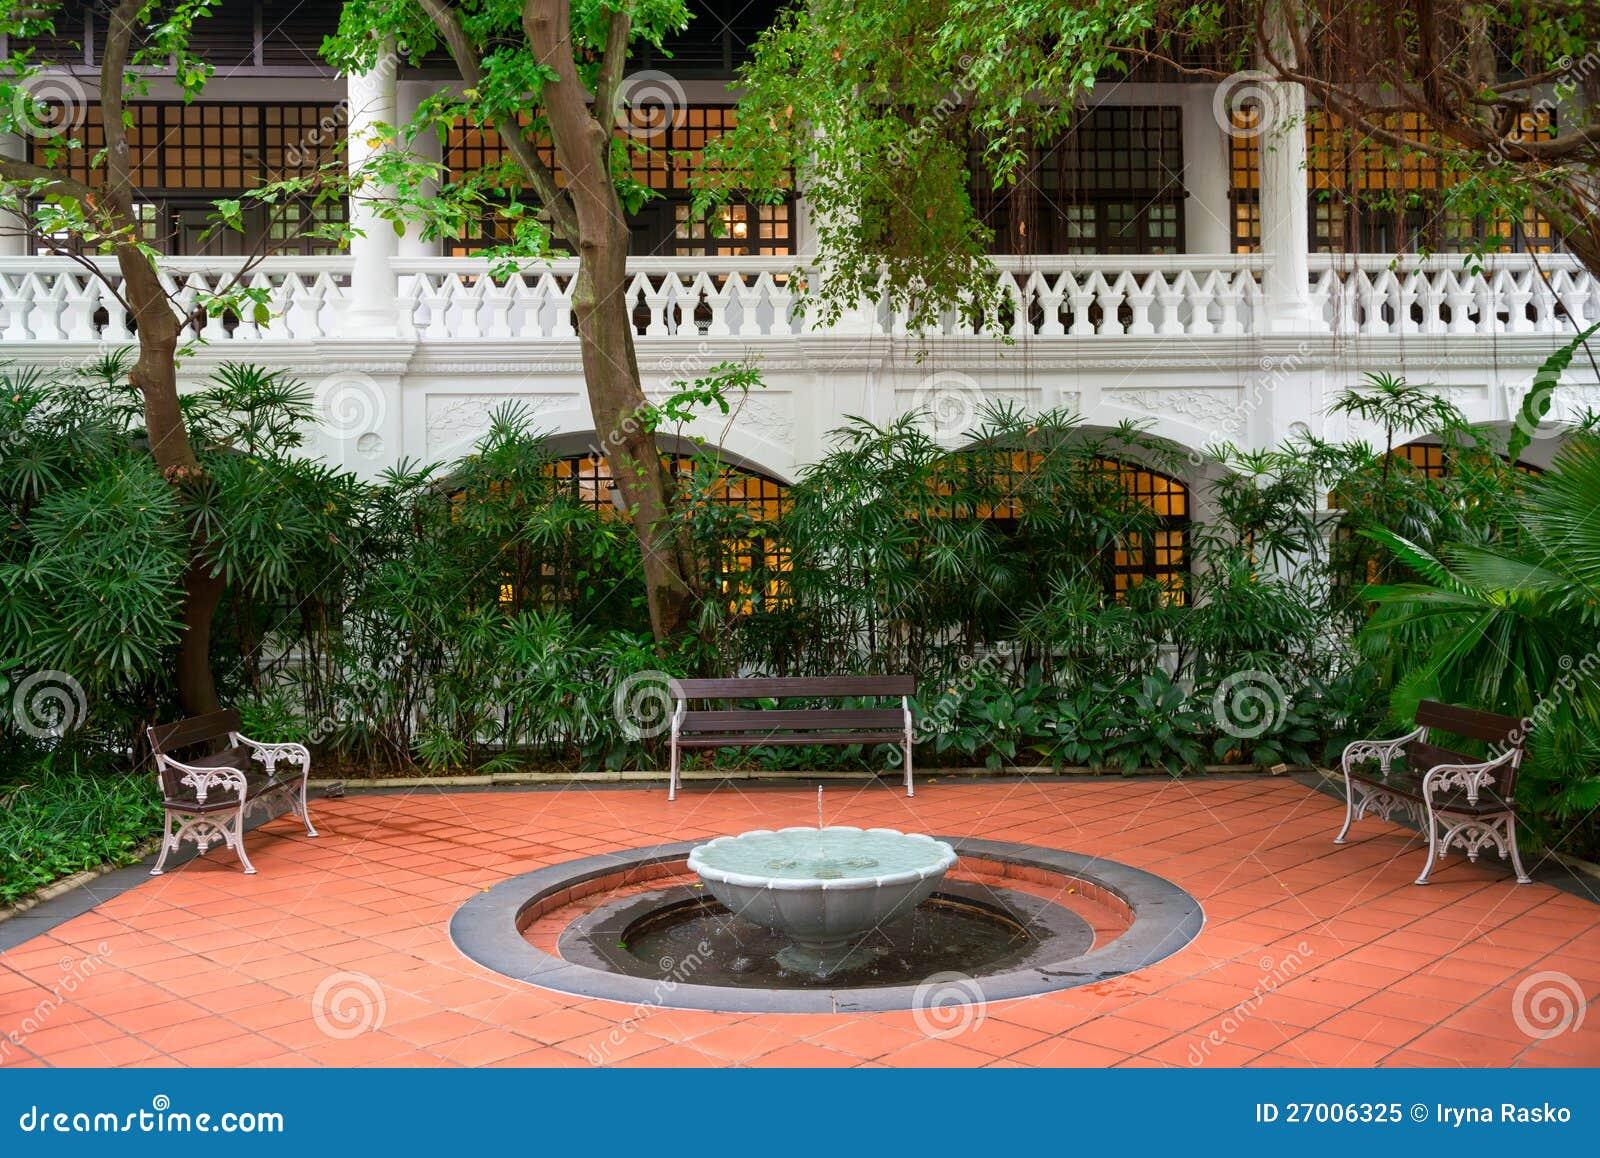 petite fontaine dans un jardin avec des bancs photo libre de droits image 27006325. Black Bedroom Furniture Sets. Home Design Ideas